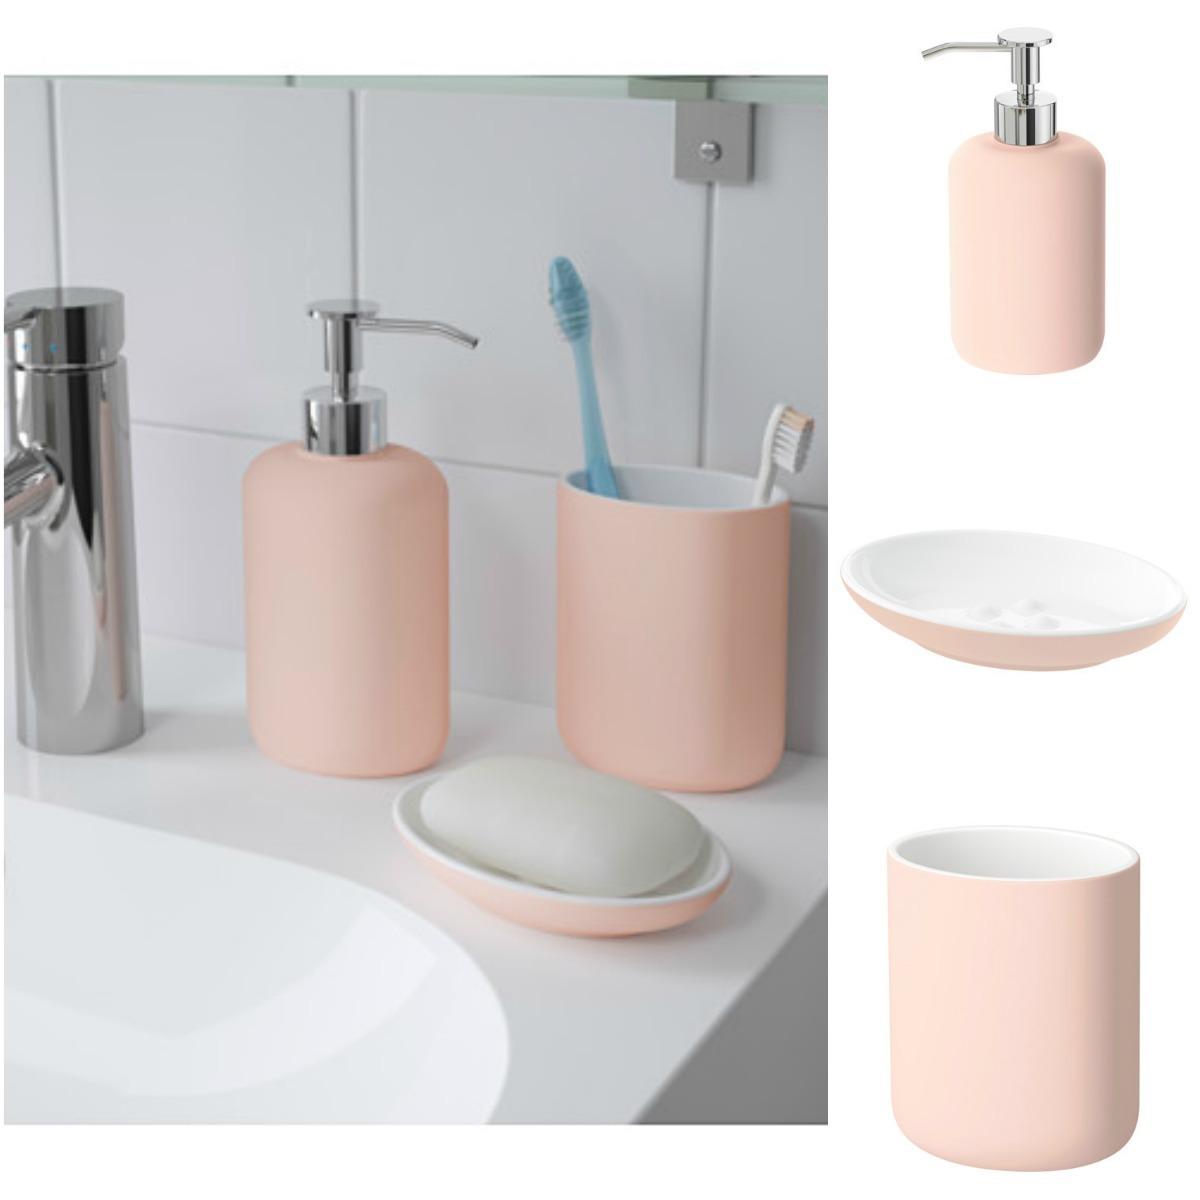 set de accesorios de baño ekoln rosa ikea suecia. Cargando zoom. eb8e6b7f7a6c